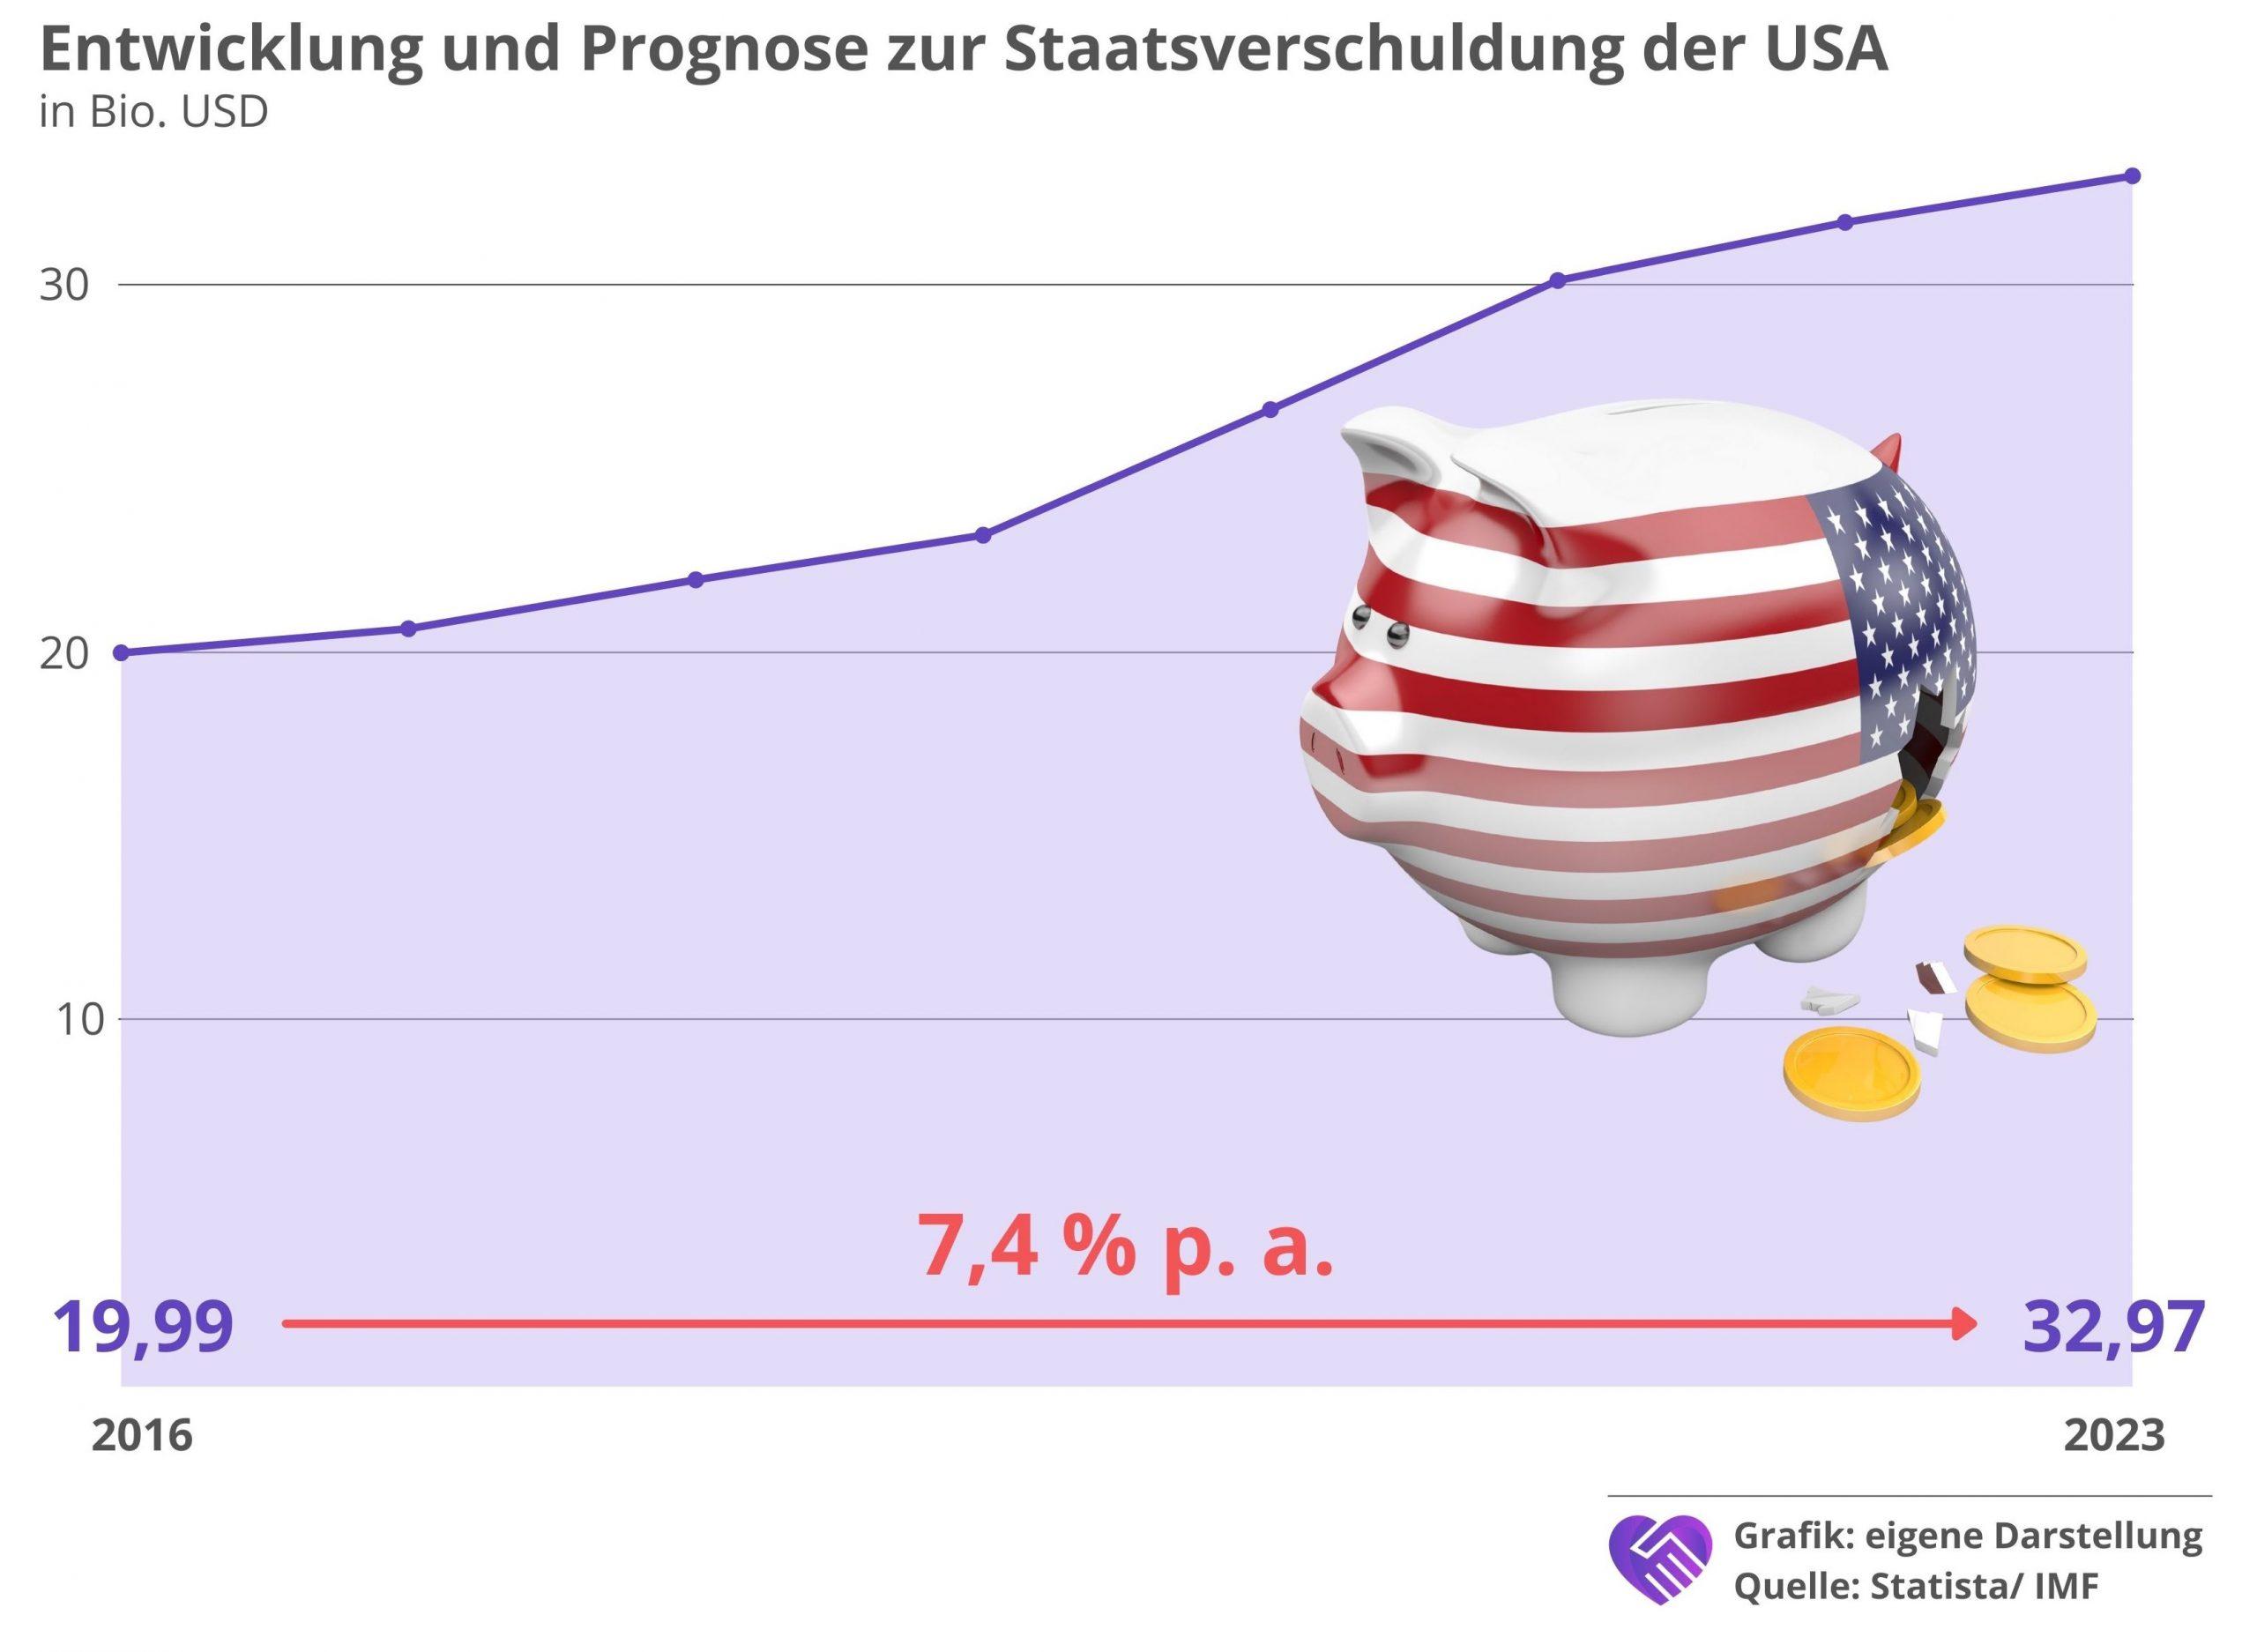 Lockheed Martin Aktie Analyse Staatsverschuldung USA